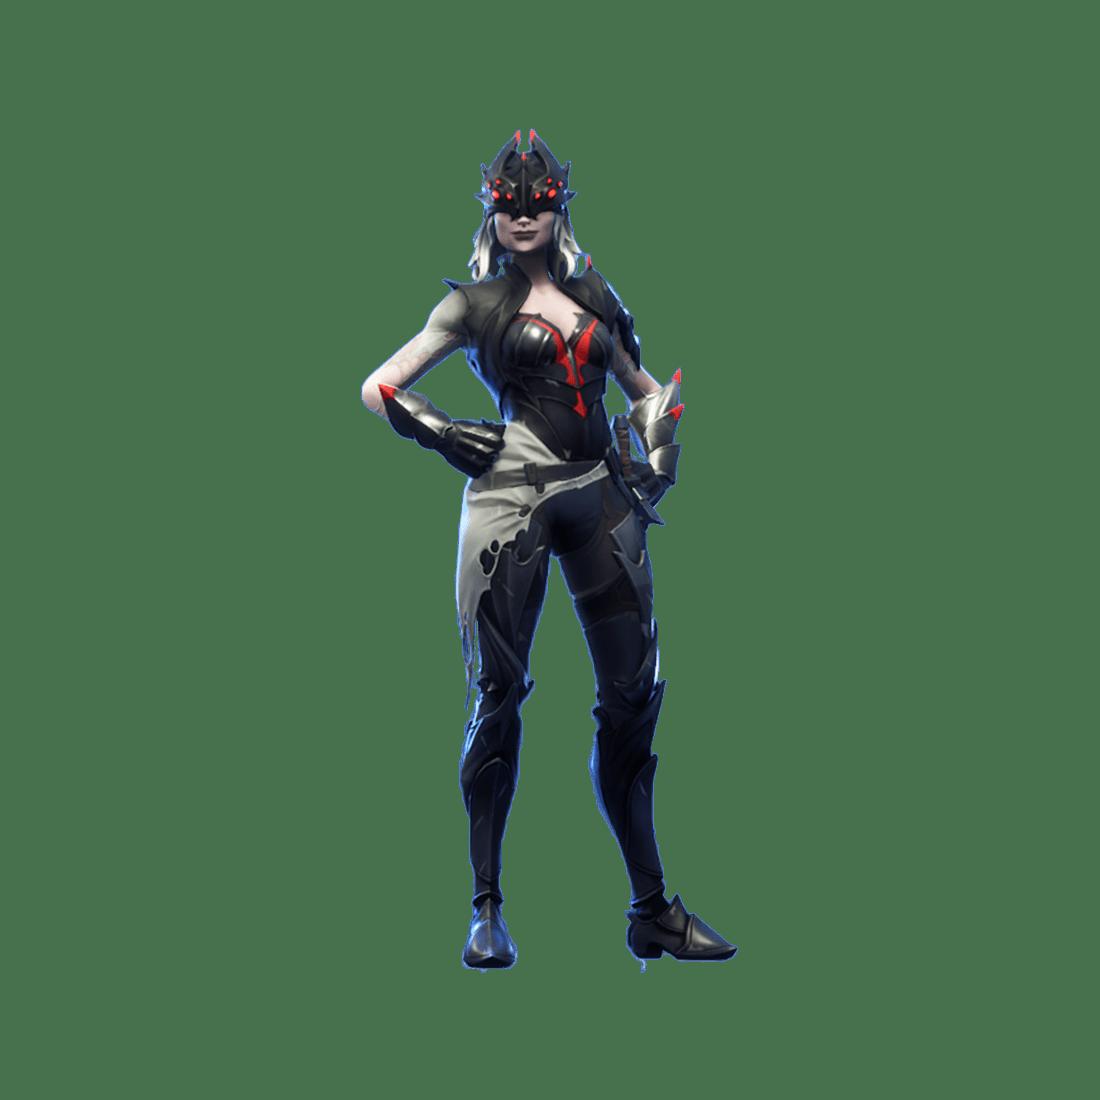 Fortnite Arachne Outfits   Fortnite Skins 1100x1100